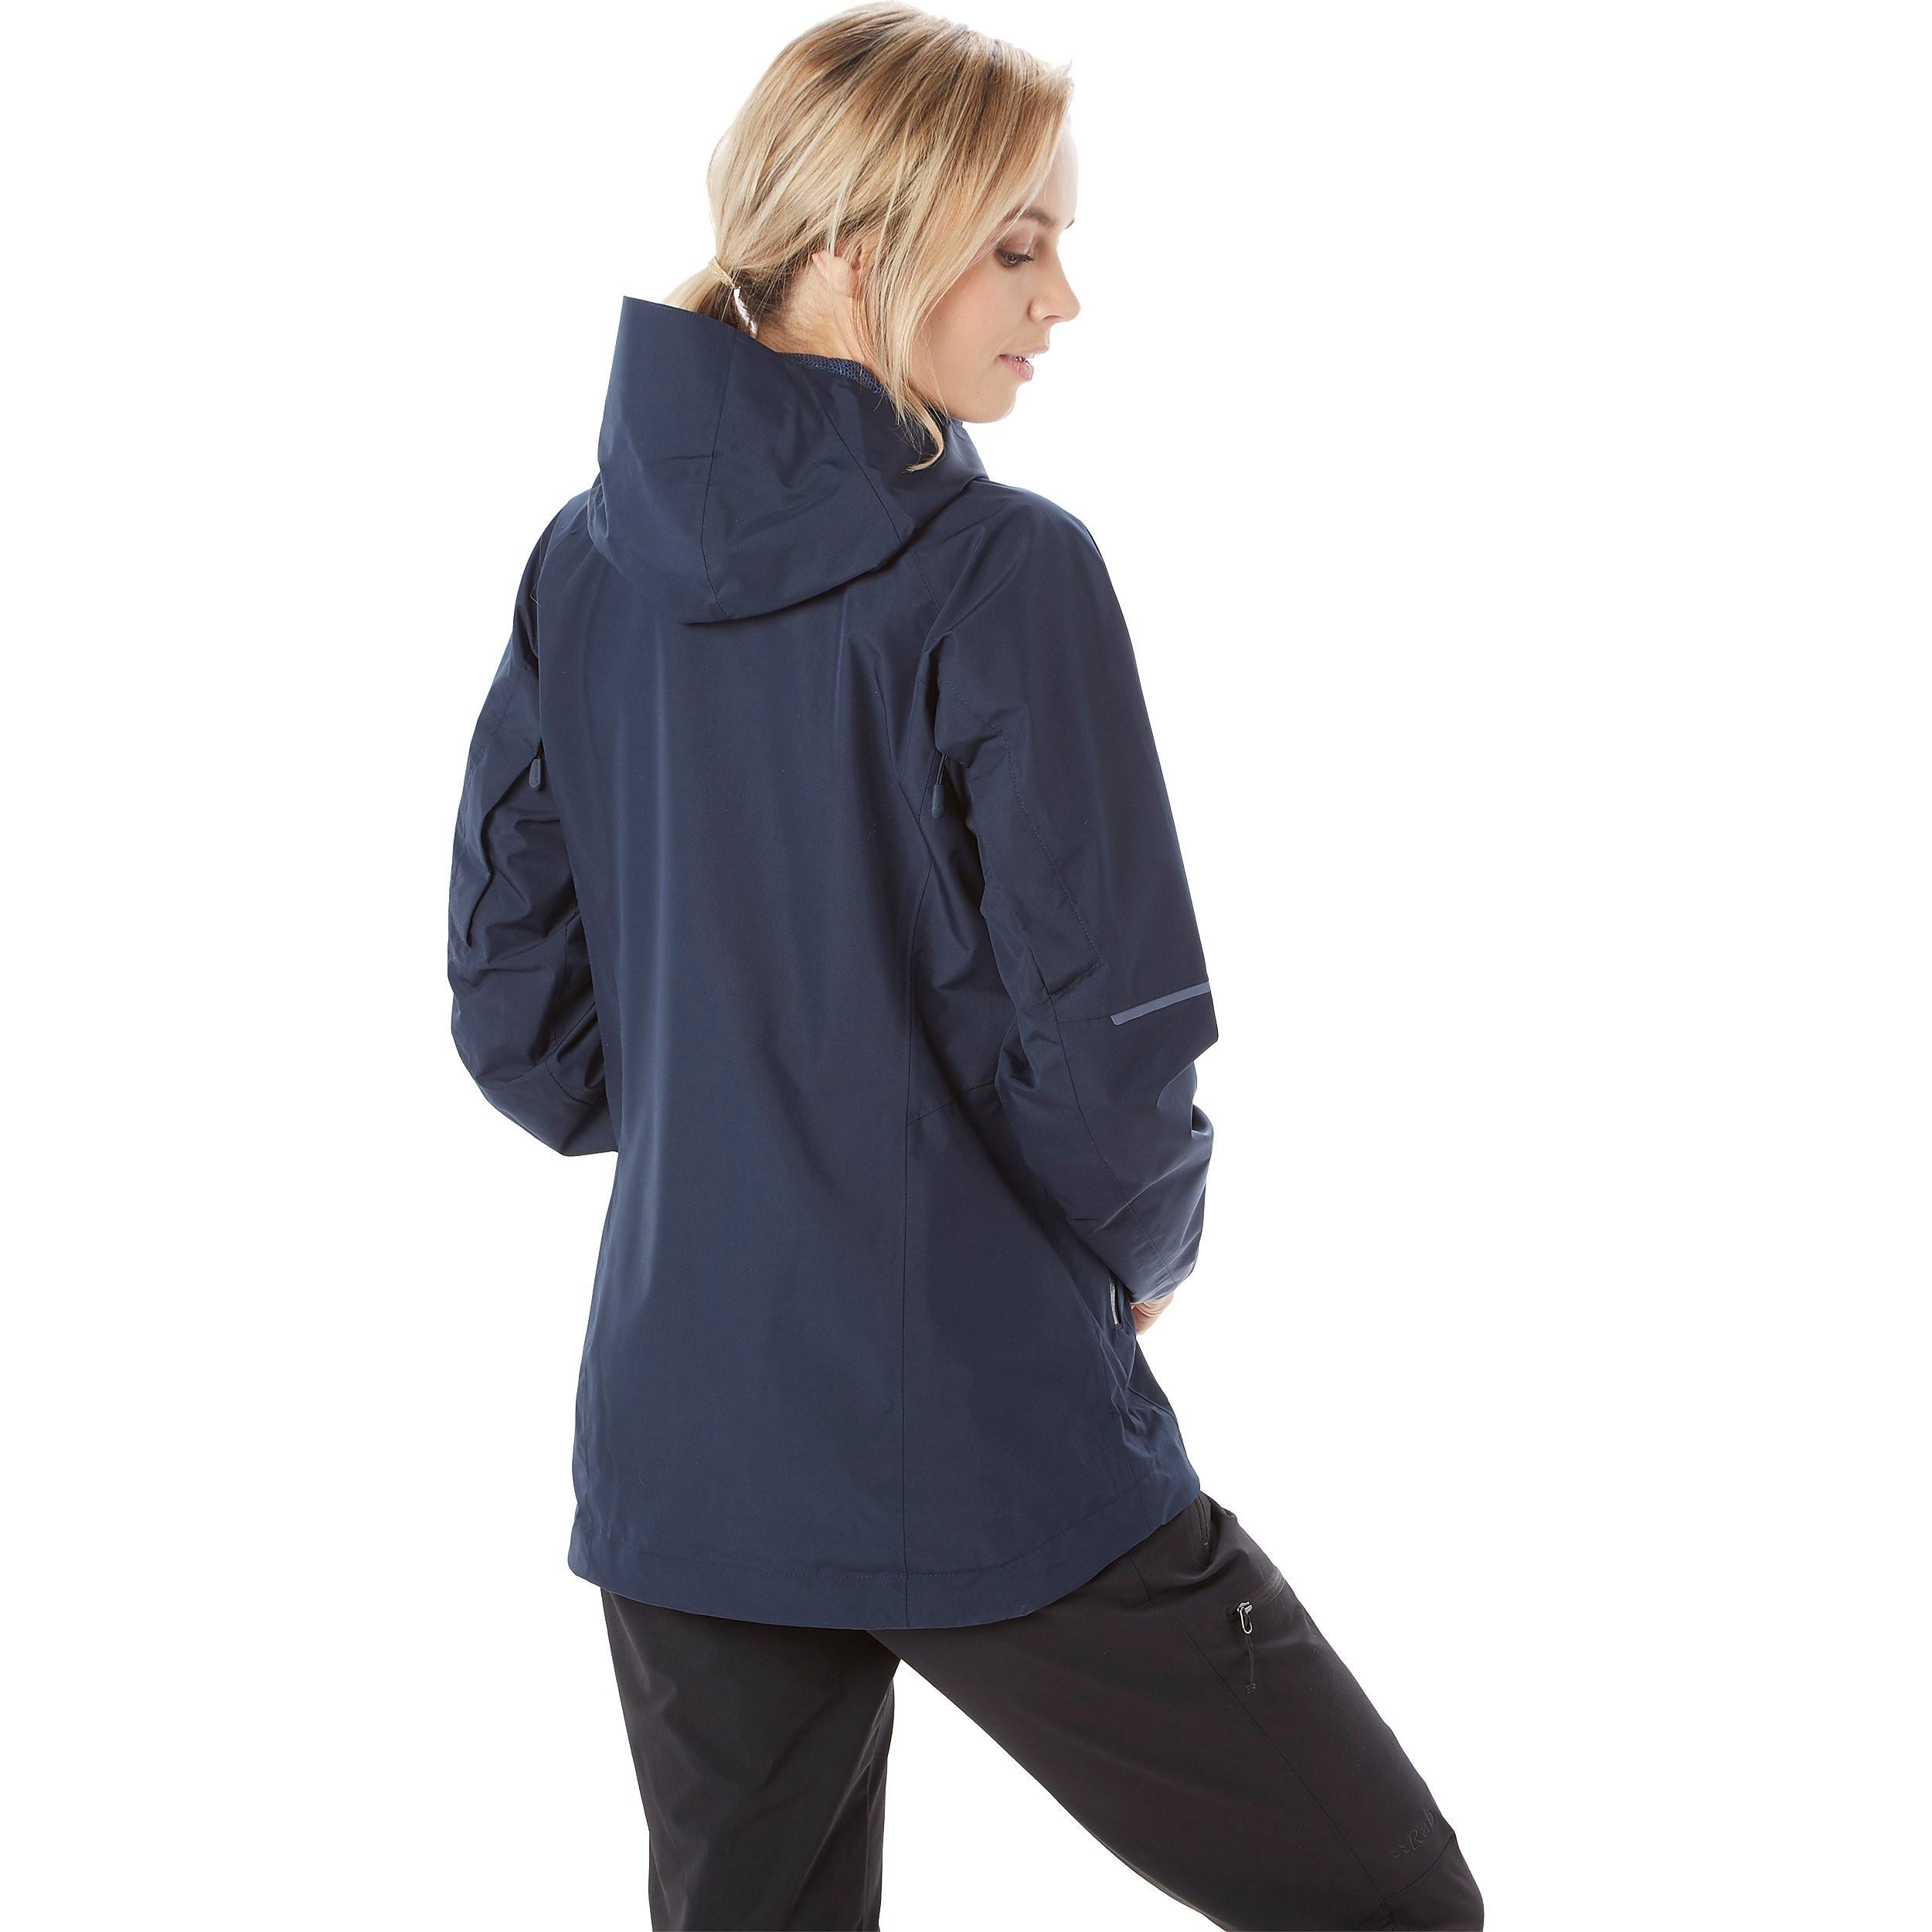 Jack Wolfskin Sierra Pass Women's Jacket